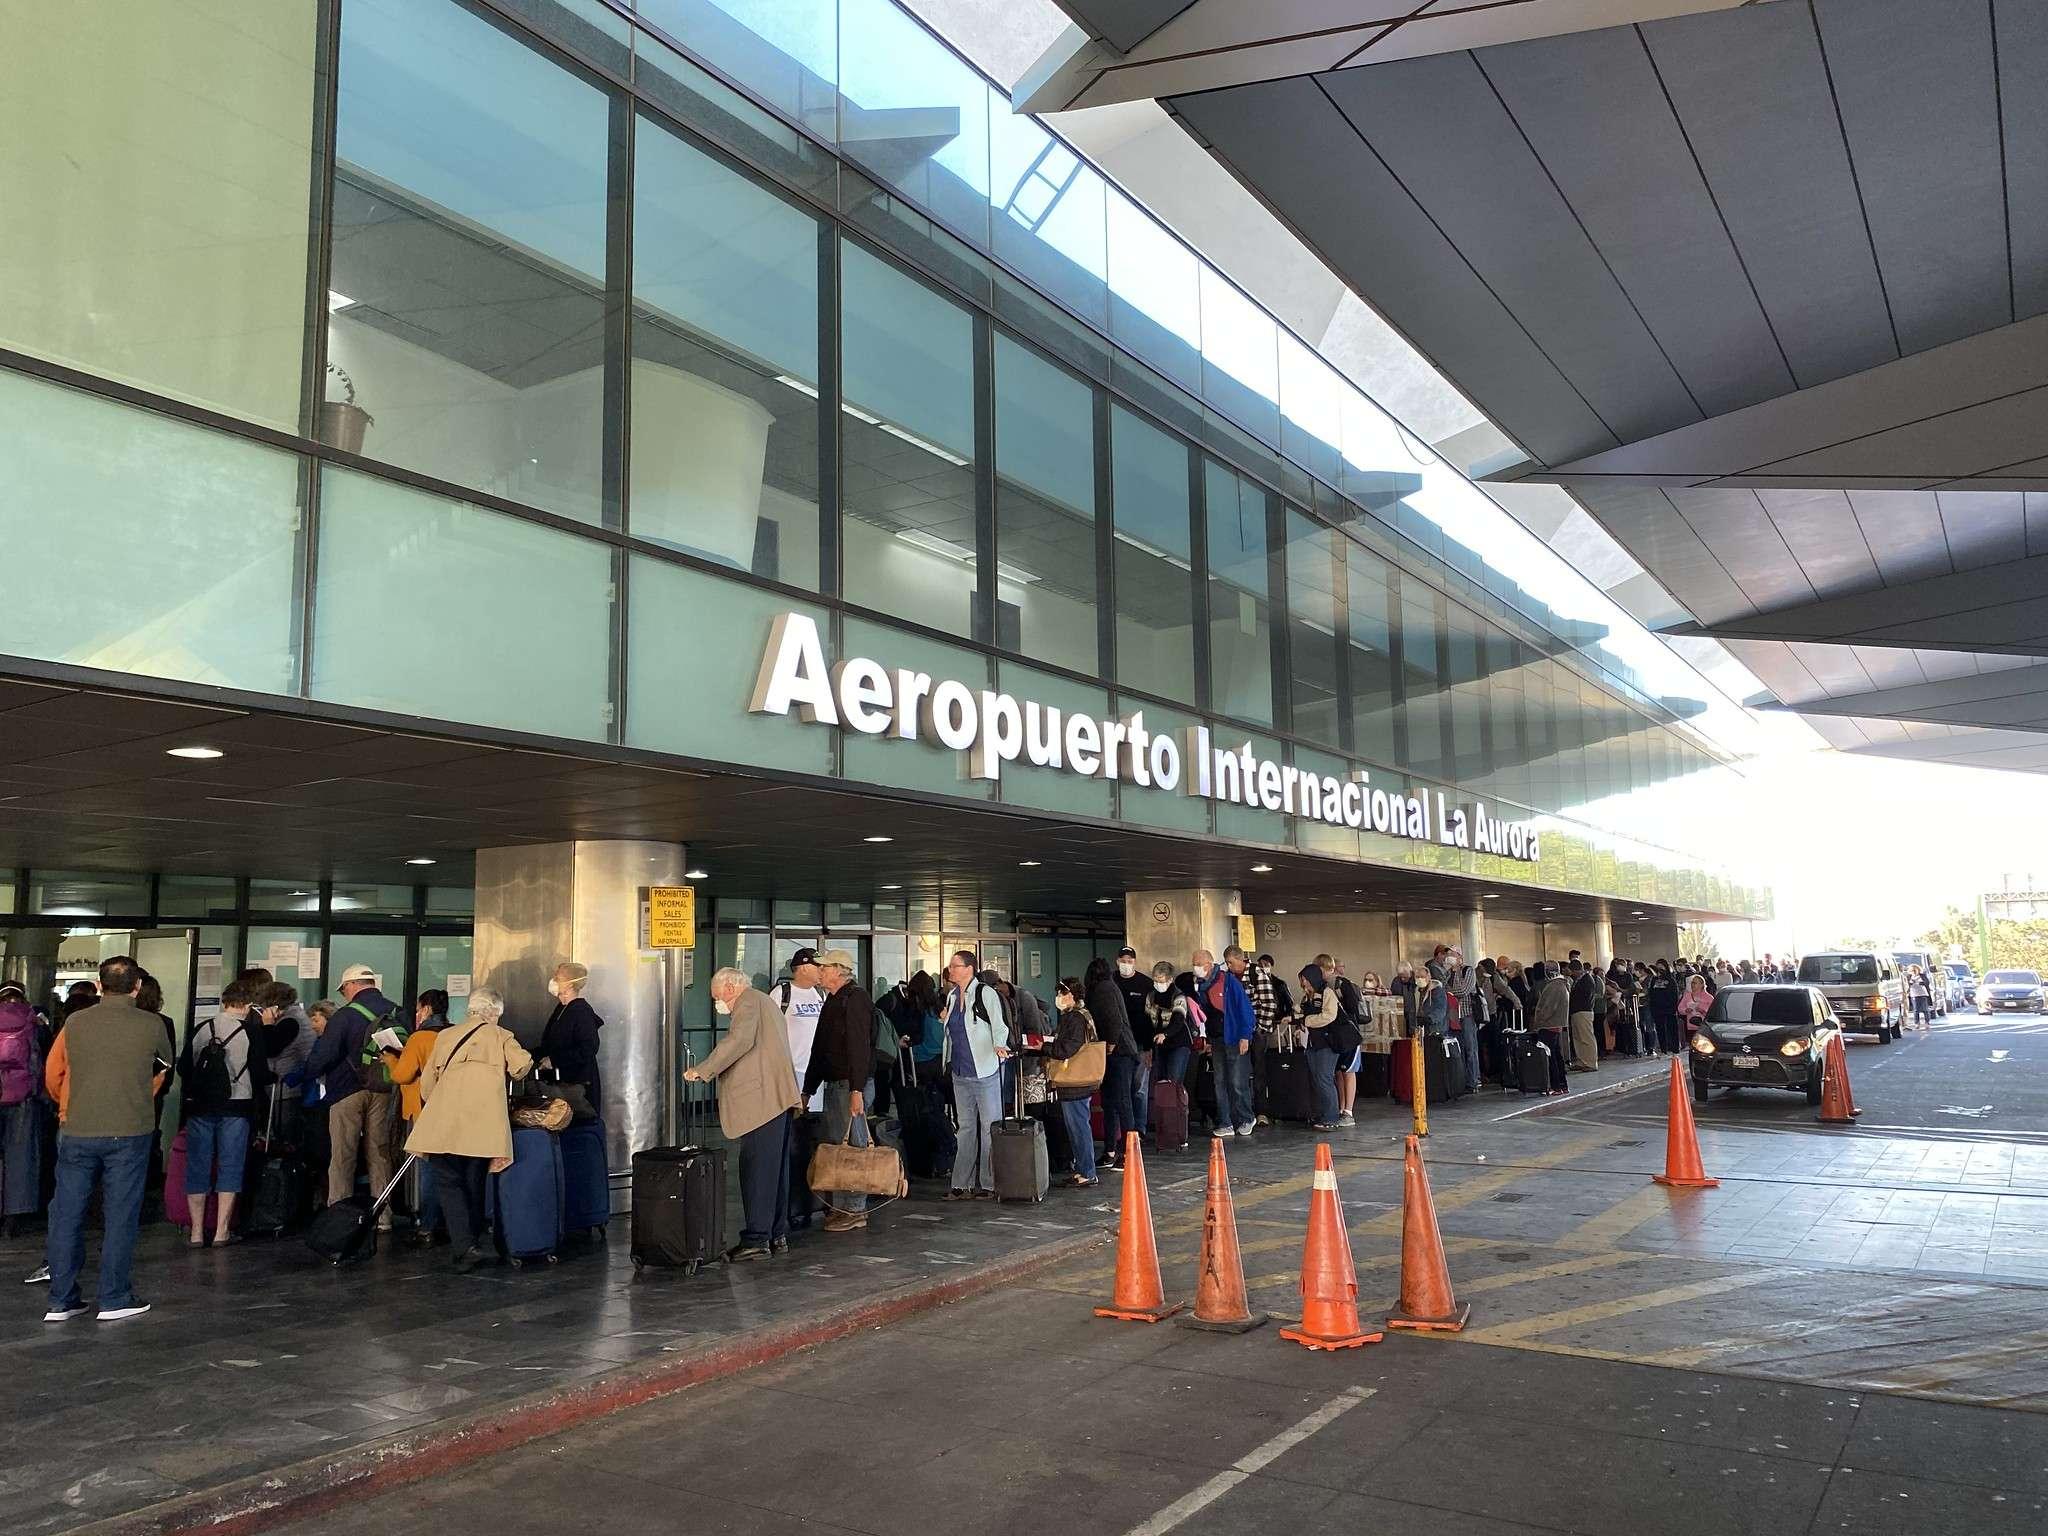 Aeropuerto, La Aurora